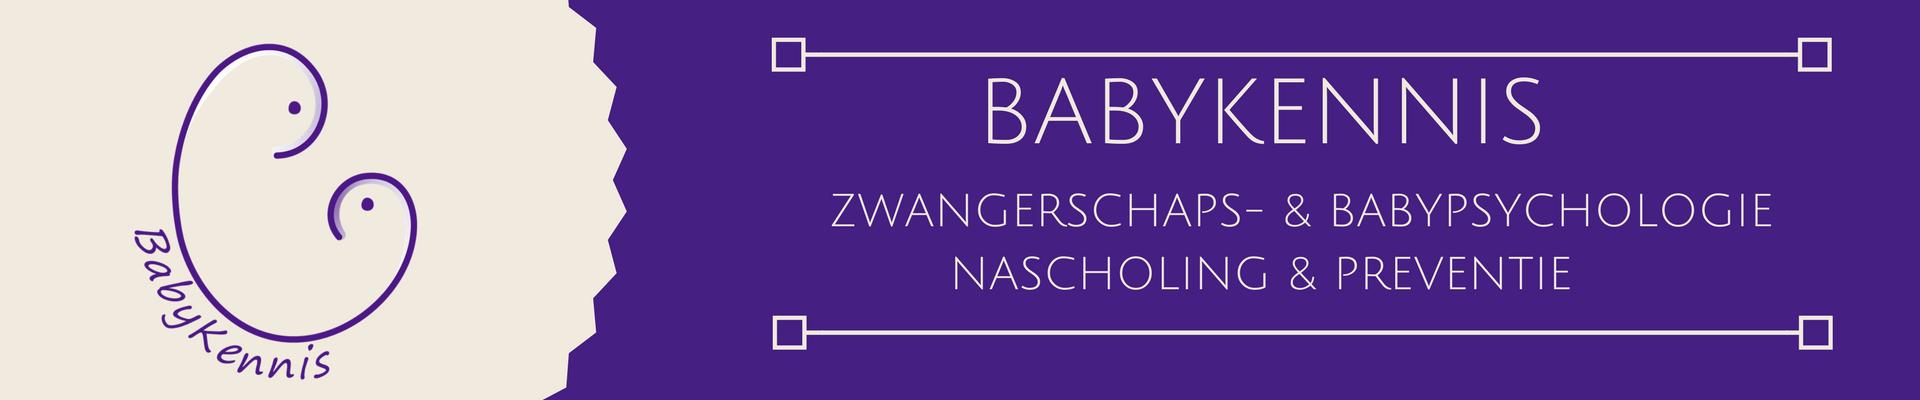 Kwetsbaar ouderschap- WSG(1)